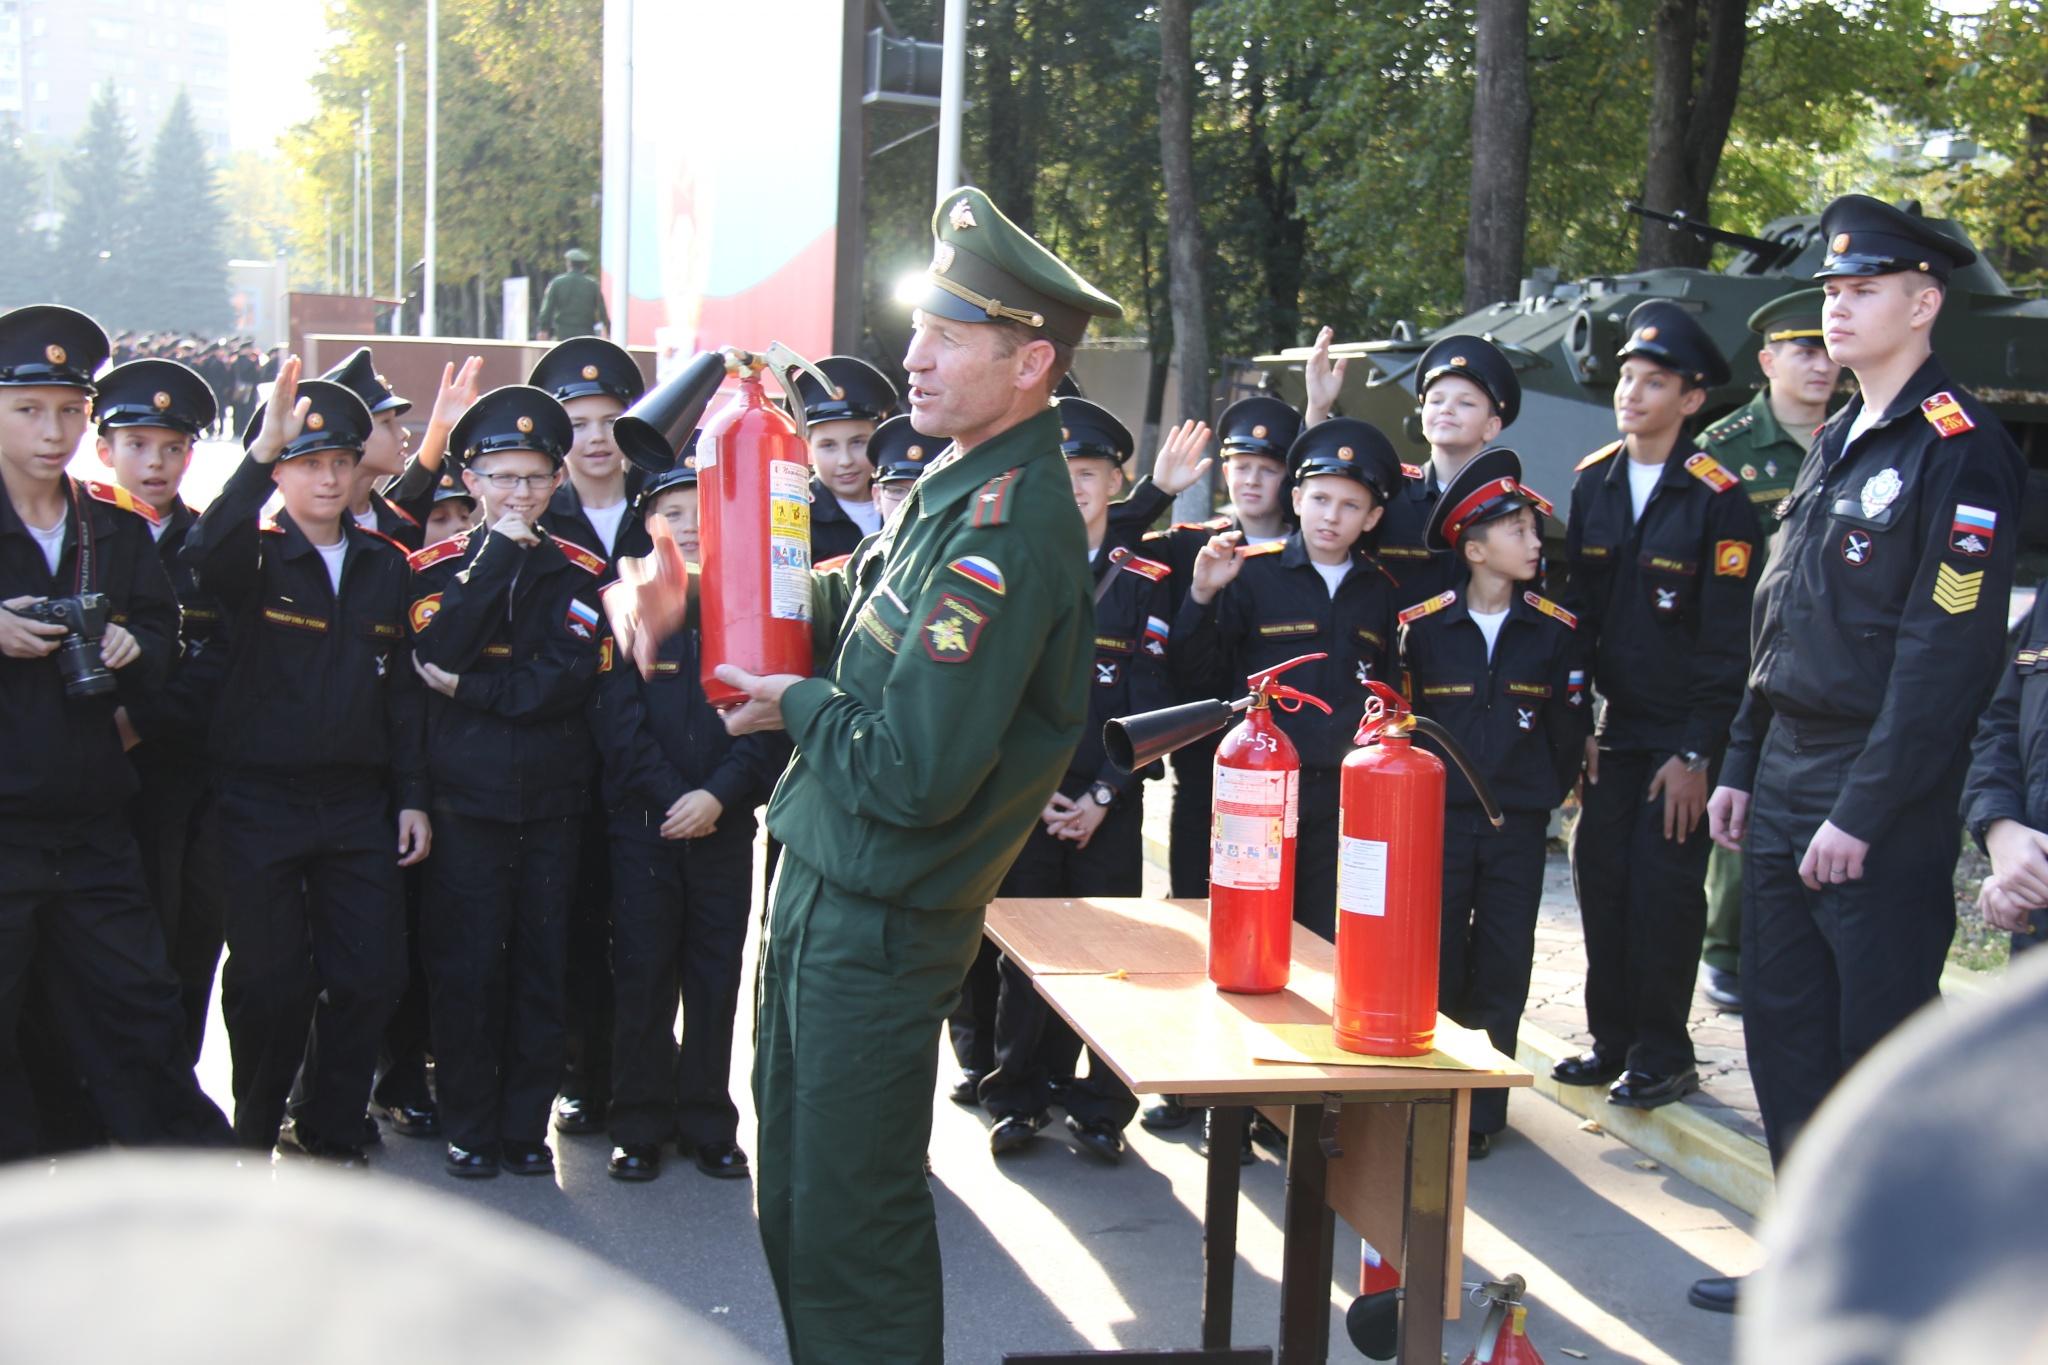 2006 журнал пожарная безопасность 6 класс